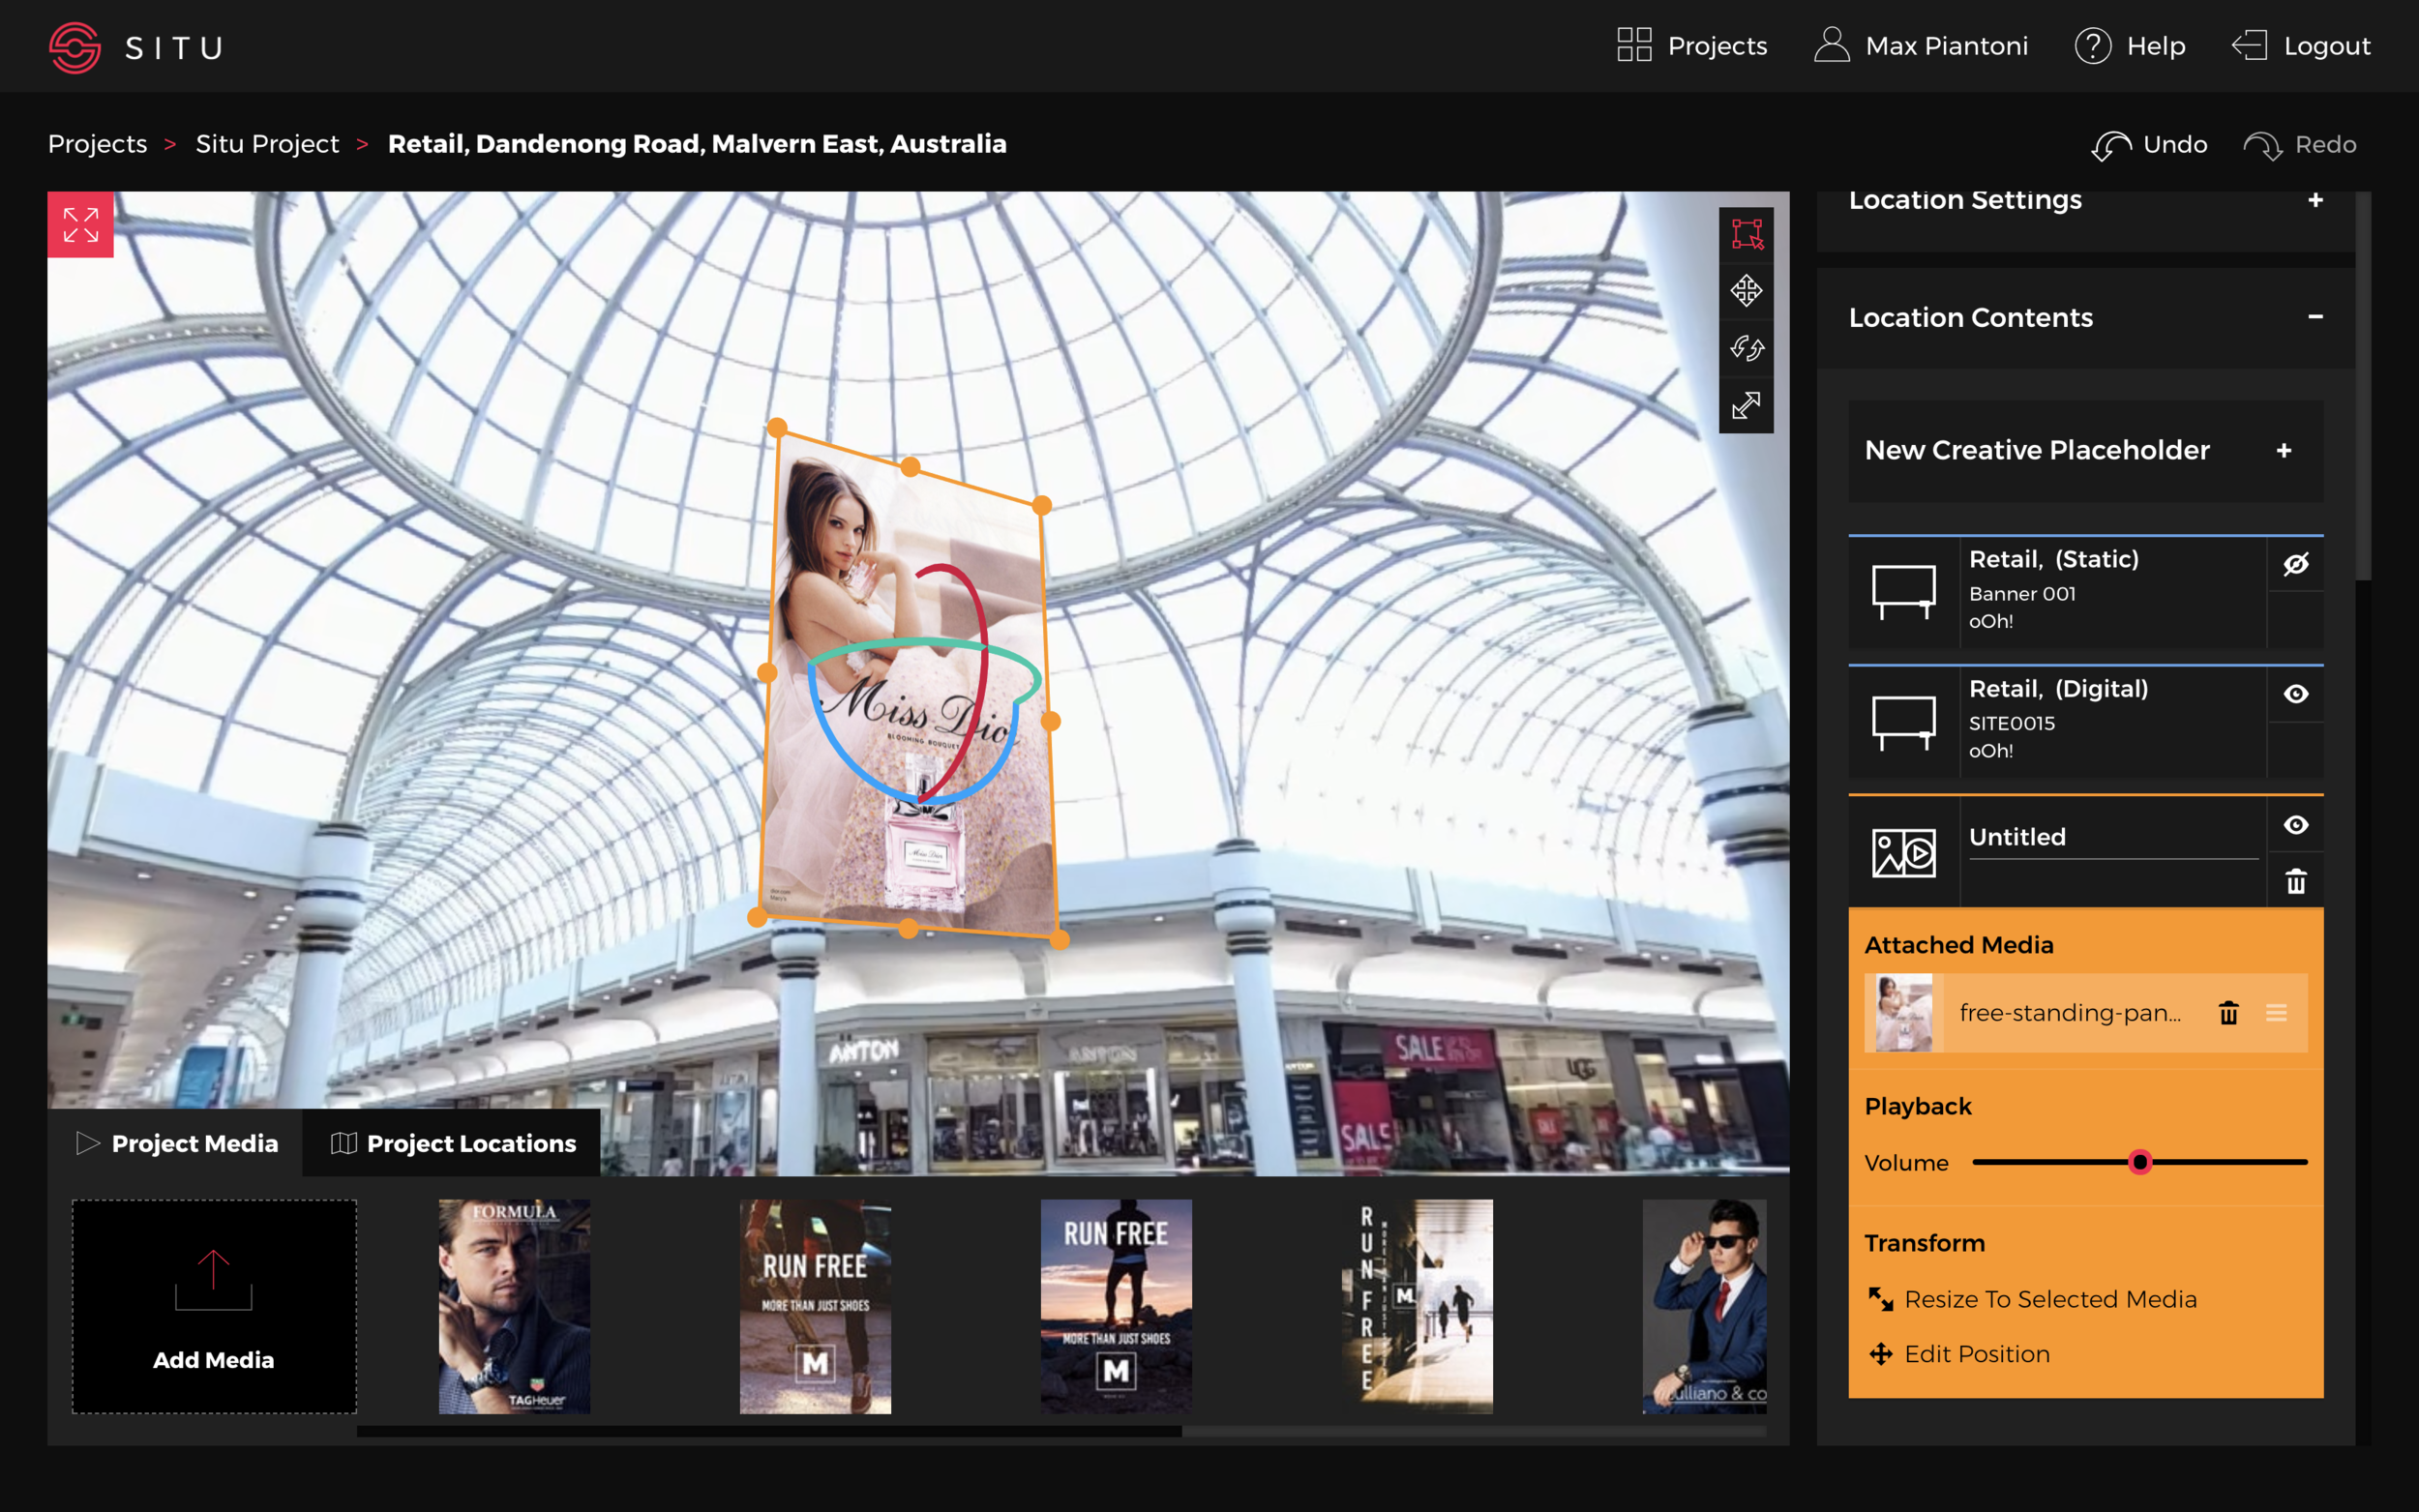 Situ-Web-App-Screenshot-FGMNT.png